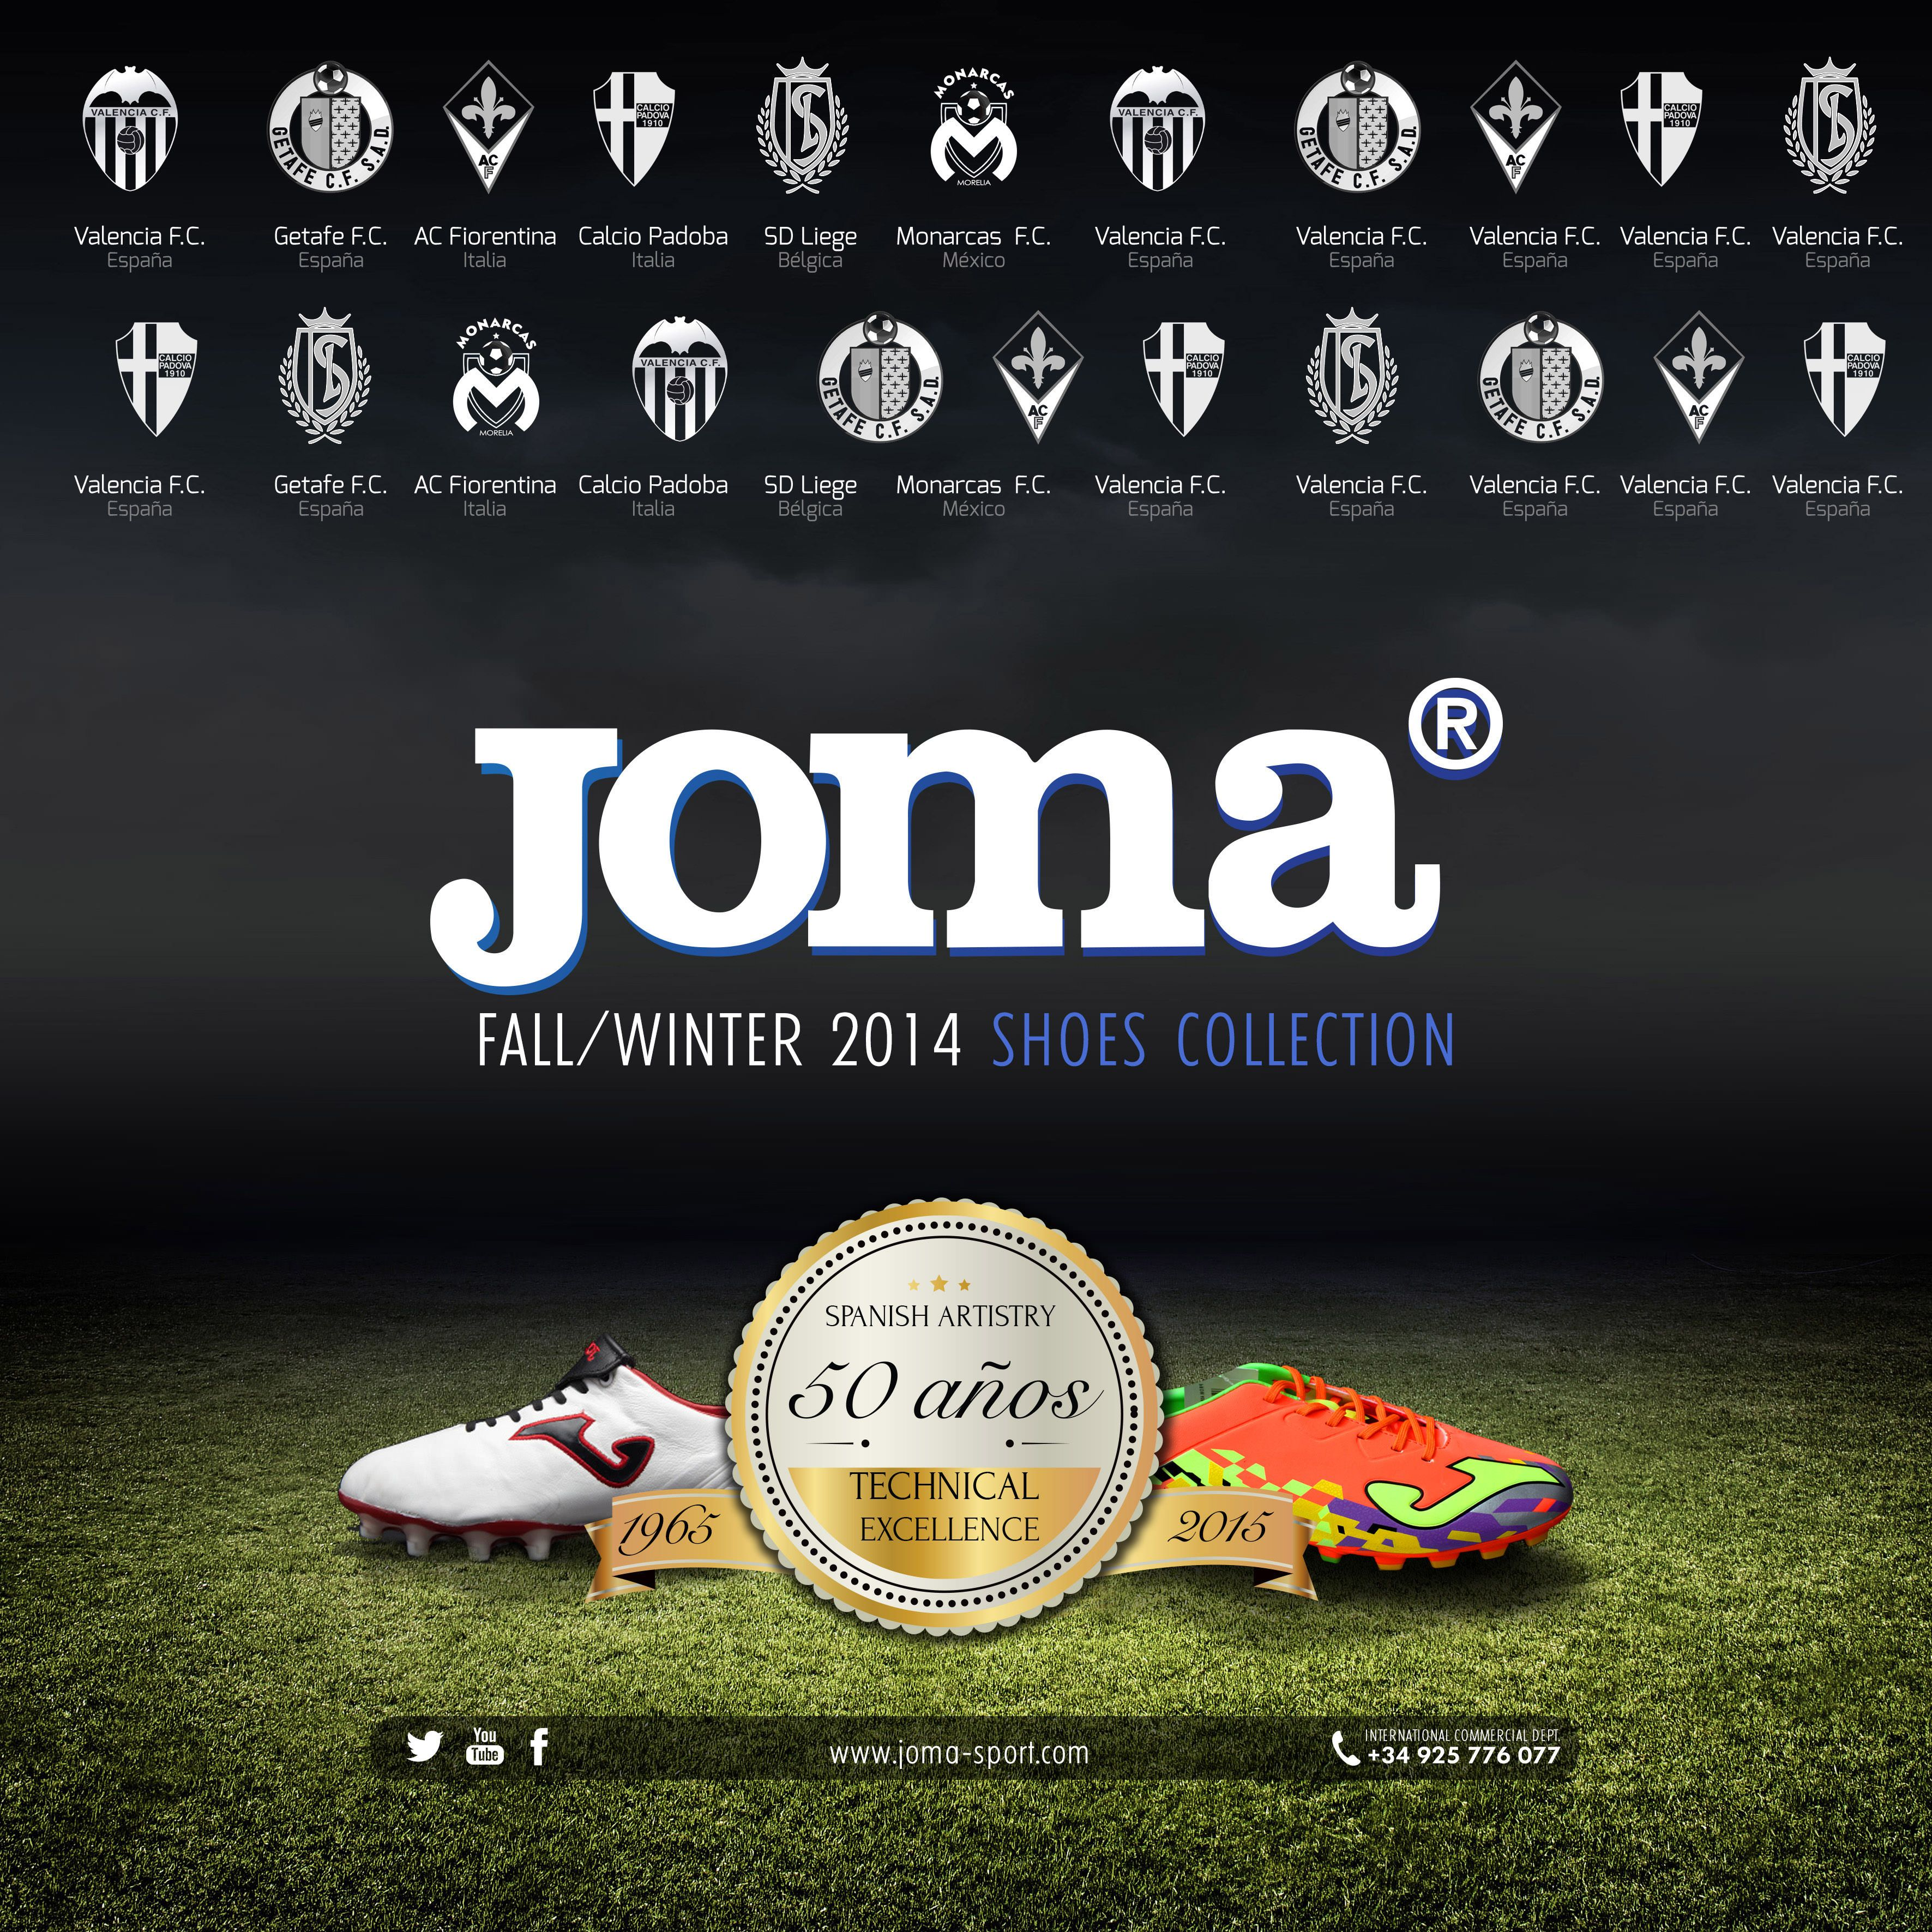 Dise o del cat logo de producto joma brandesign agencia - Diseno de producto madrid ...